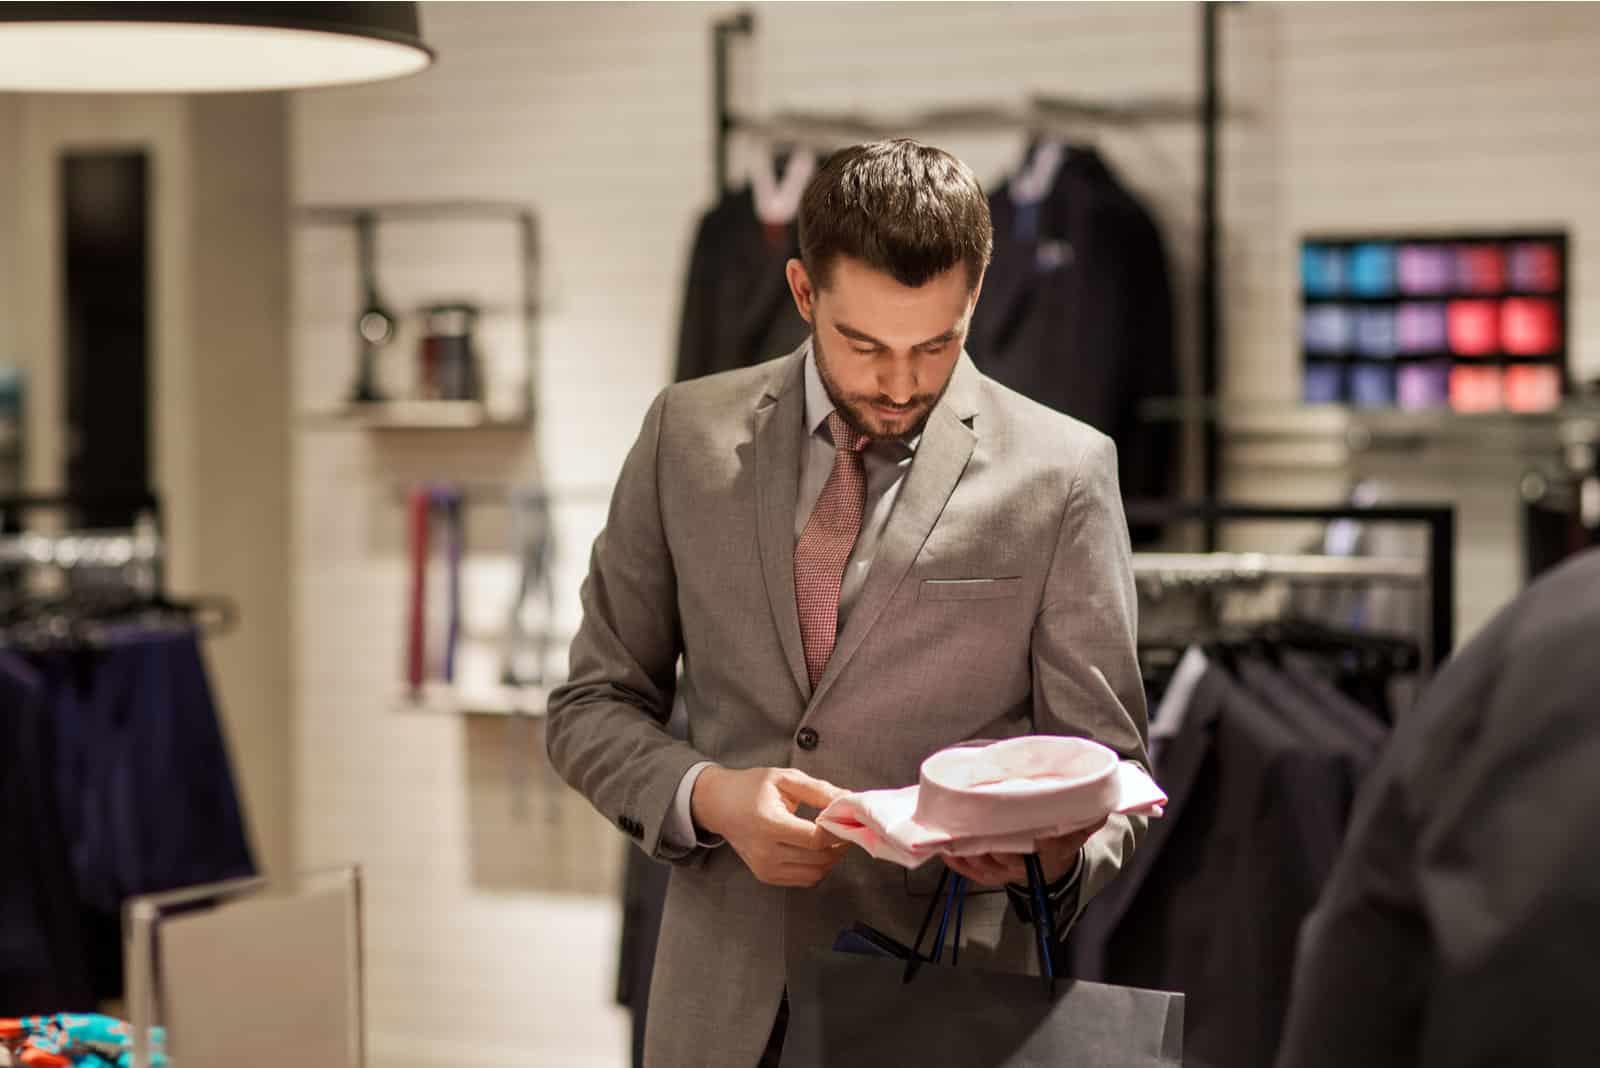 ein gutaussehender Mann beim Einkaufen